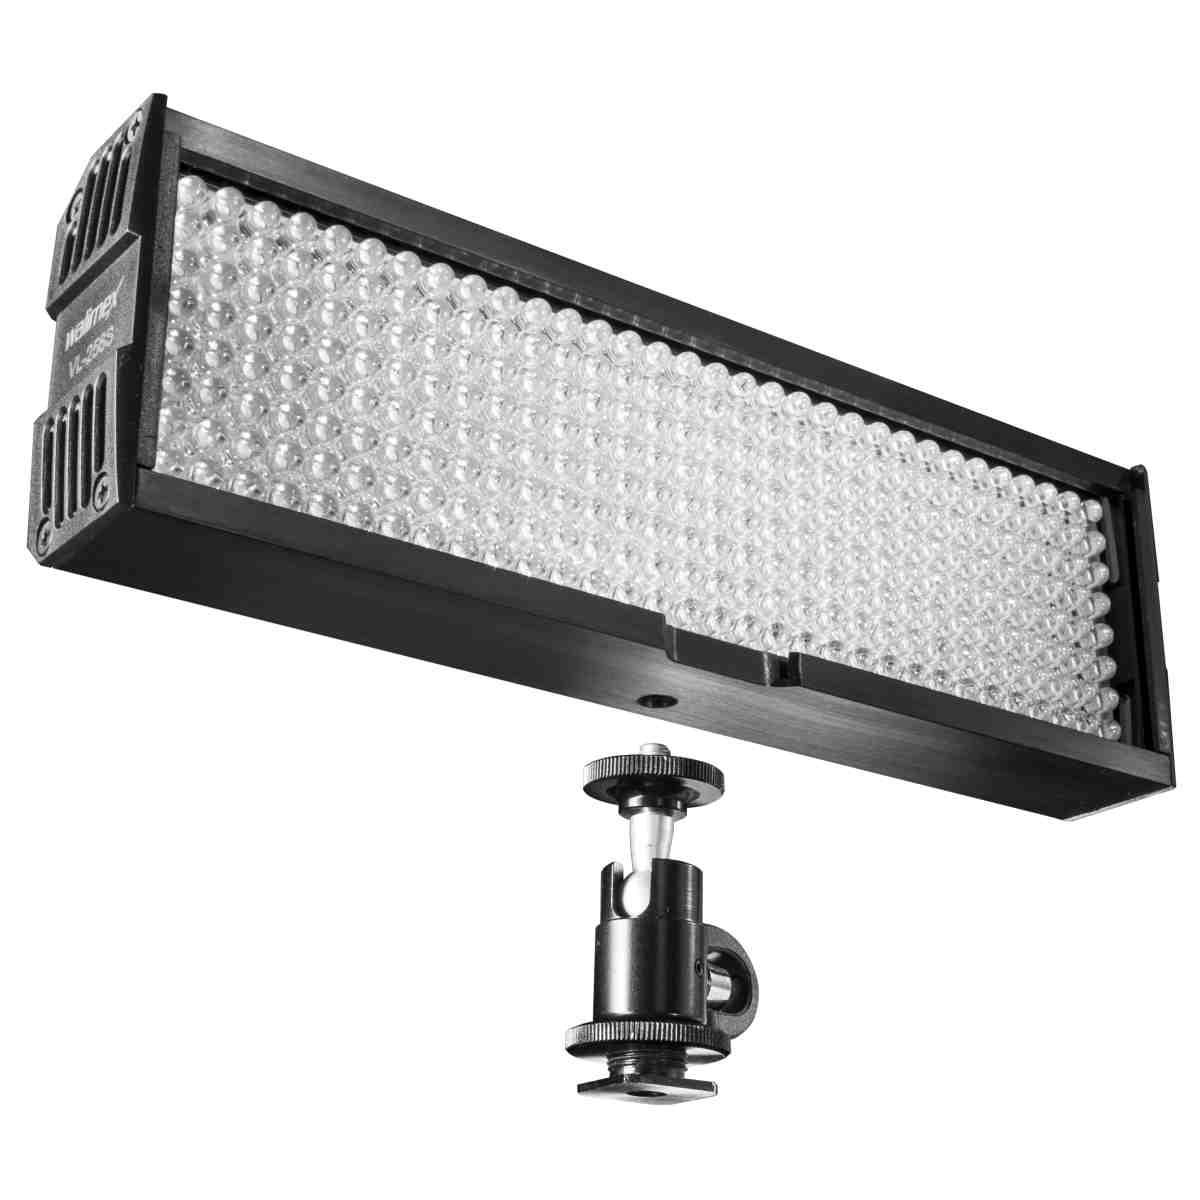 Walimex pro LED Photo Video Light 256 Daylight